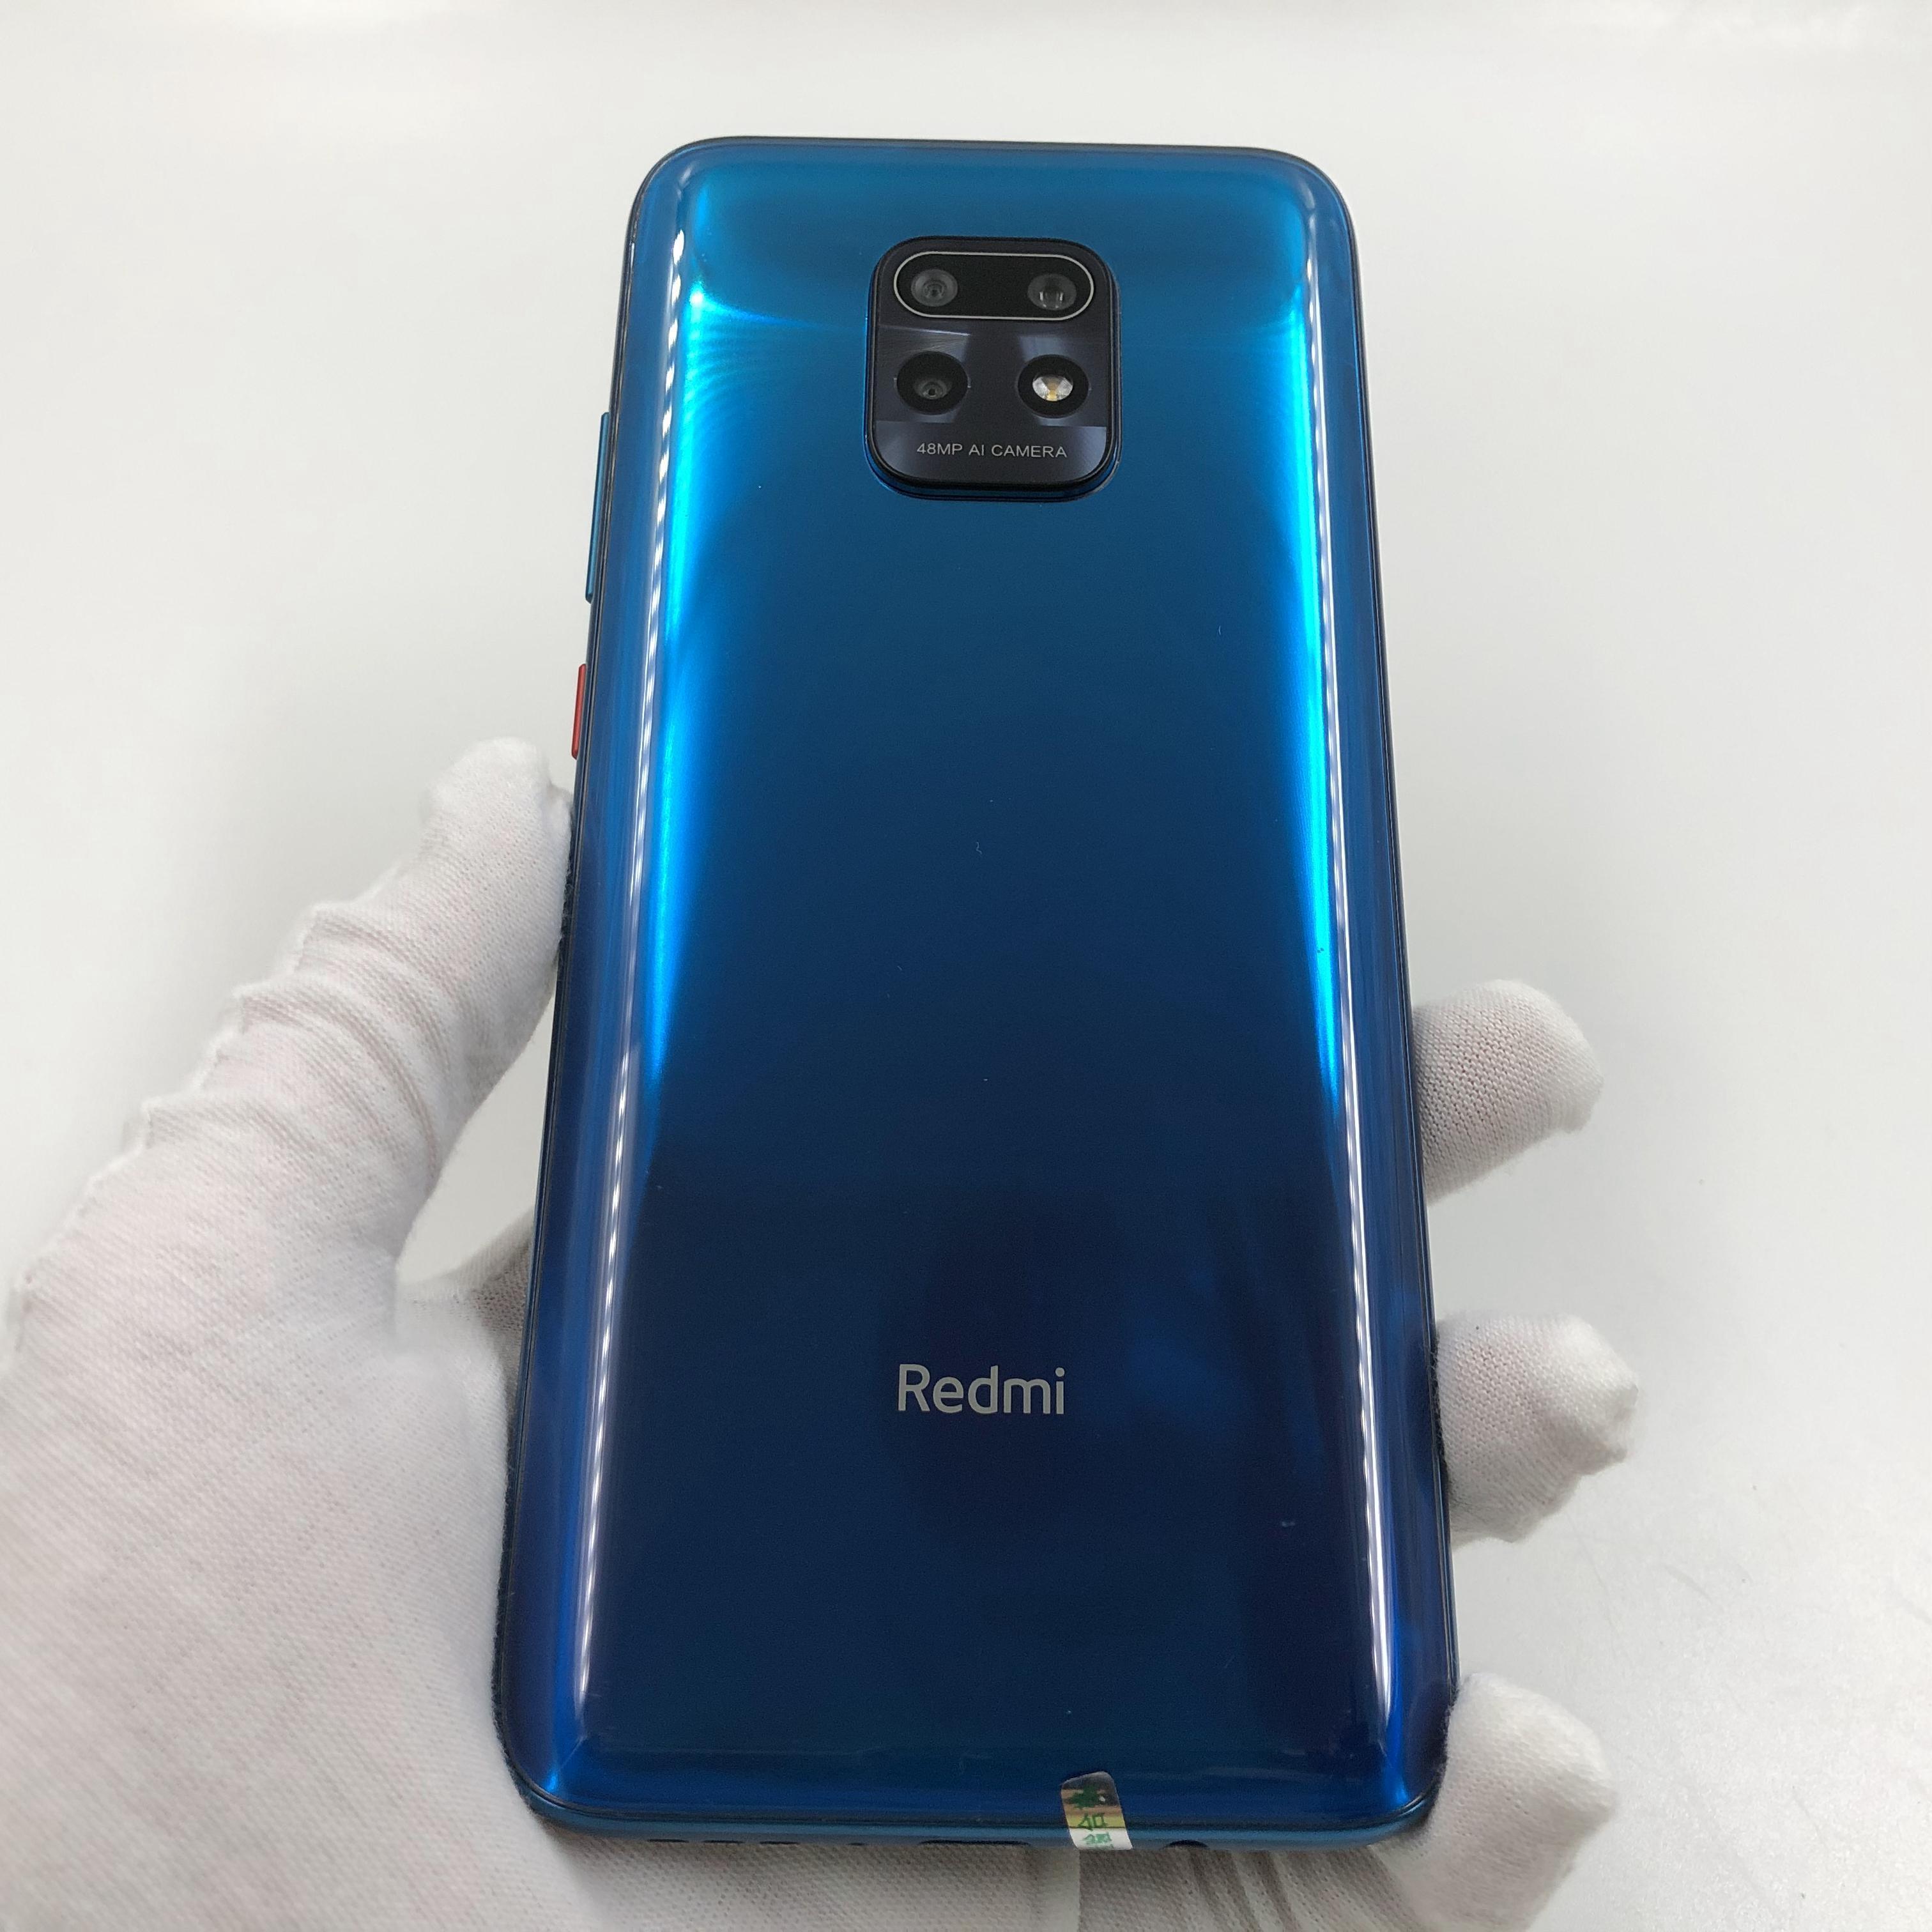 小米【Redmi 10X 5G】5G全网通 深海蓝 8G/128G 国行 8成新 真机实拍